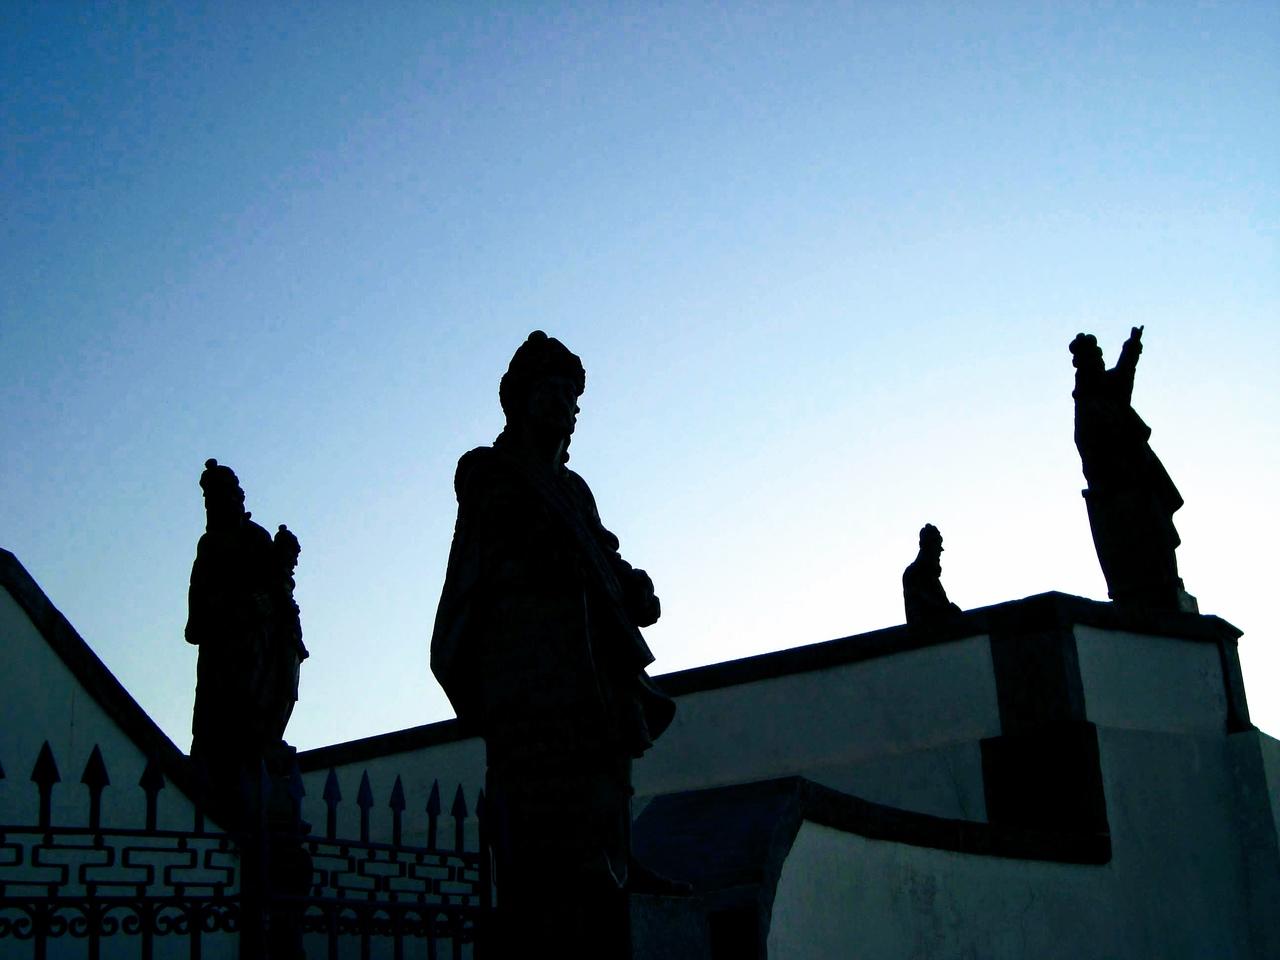 Profetas feitos por Aleijadinho - Santuário Bom Jesus do Matosinhos